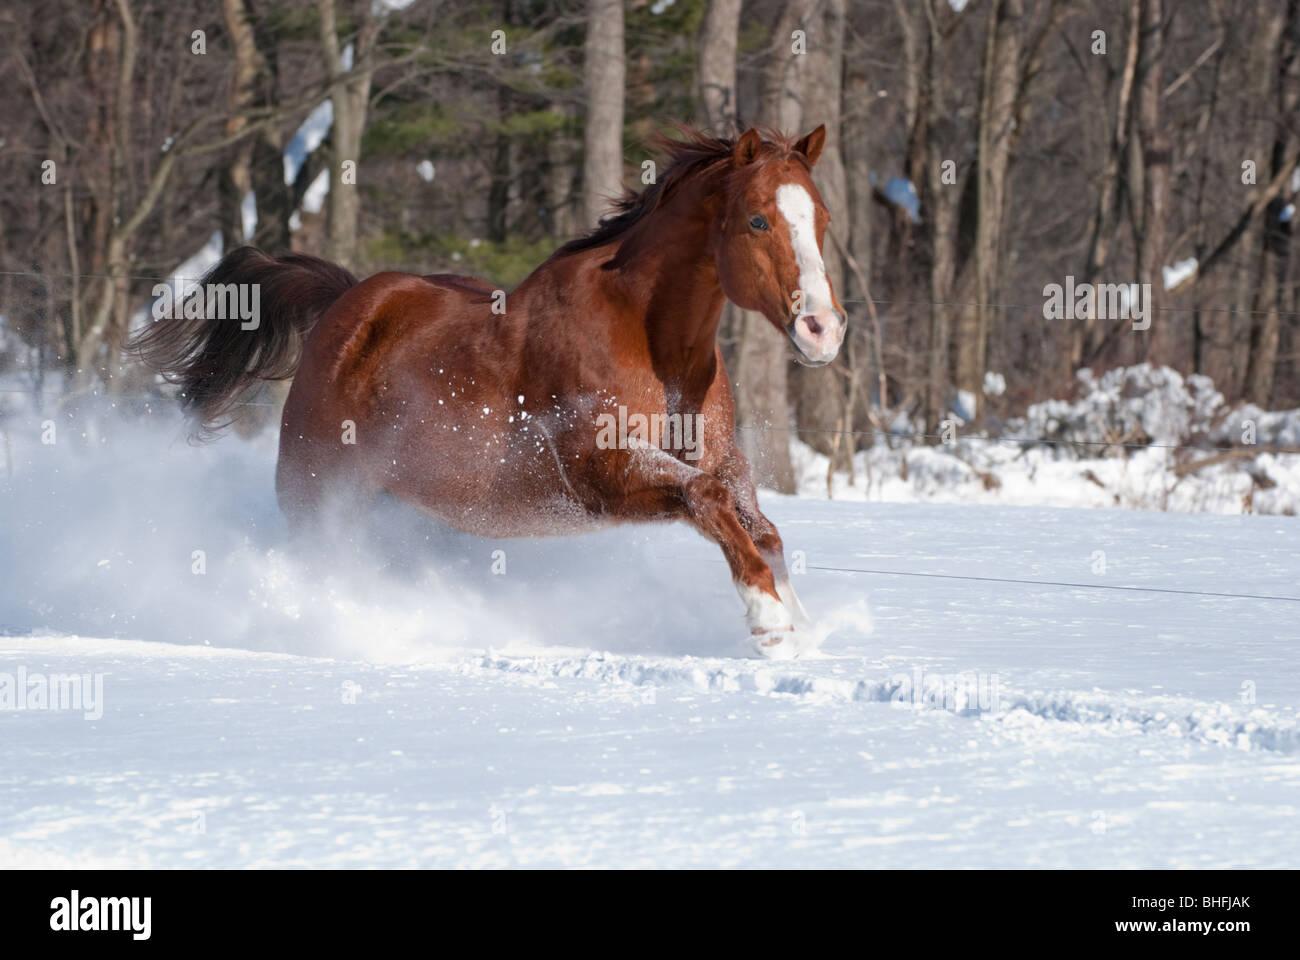 Bild von Quarterhorse Wallach im Sonnenlicht im Neuschnee laufen. Stockbild